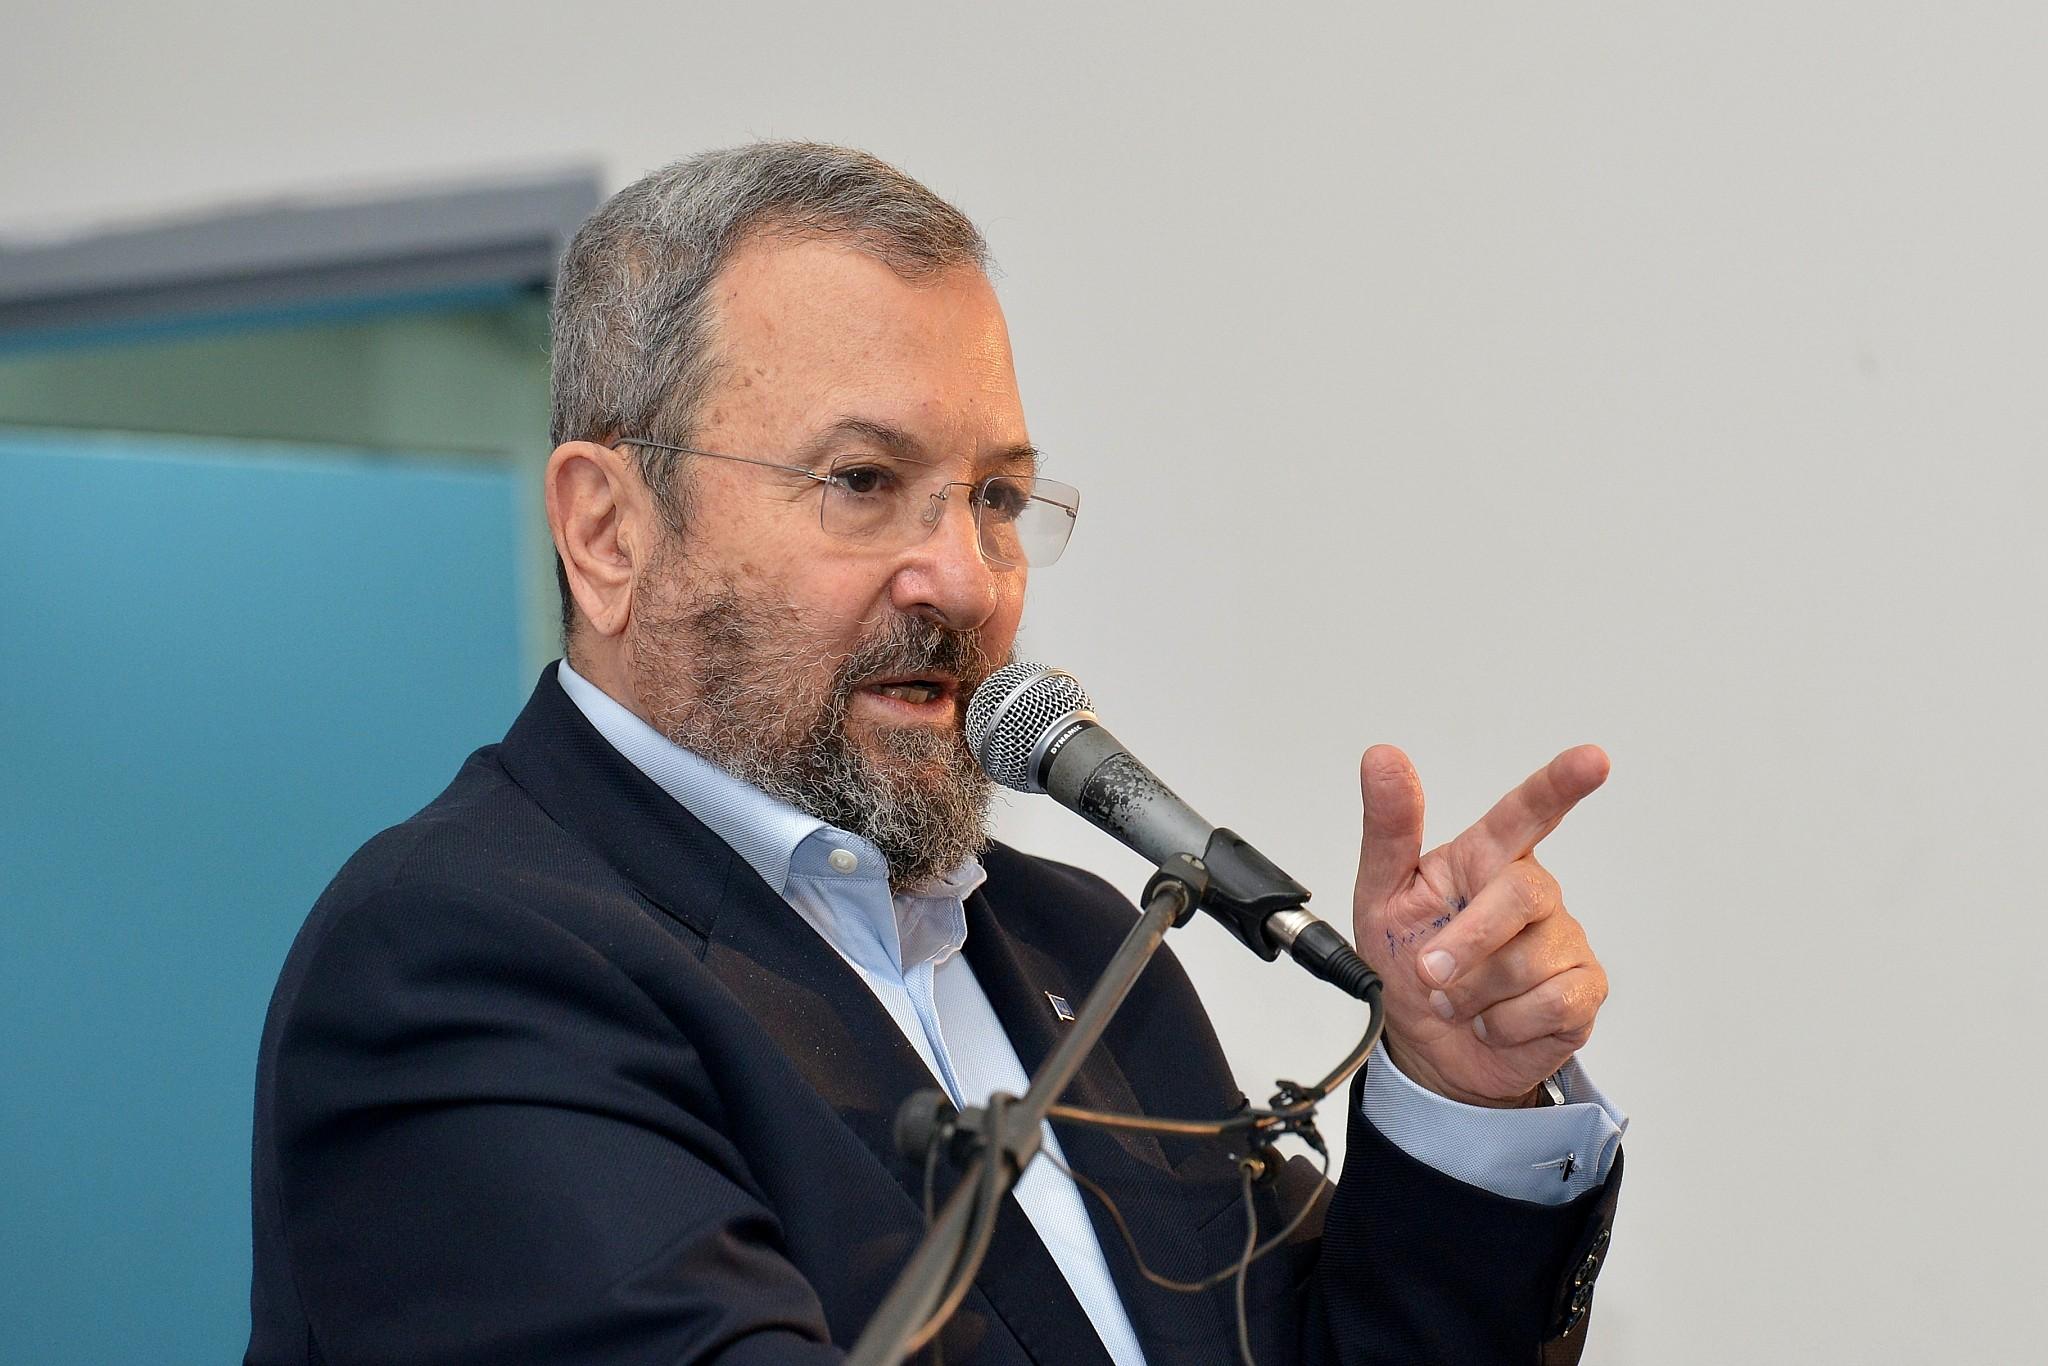 Ehud Barack